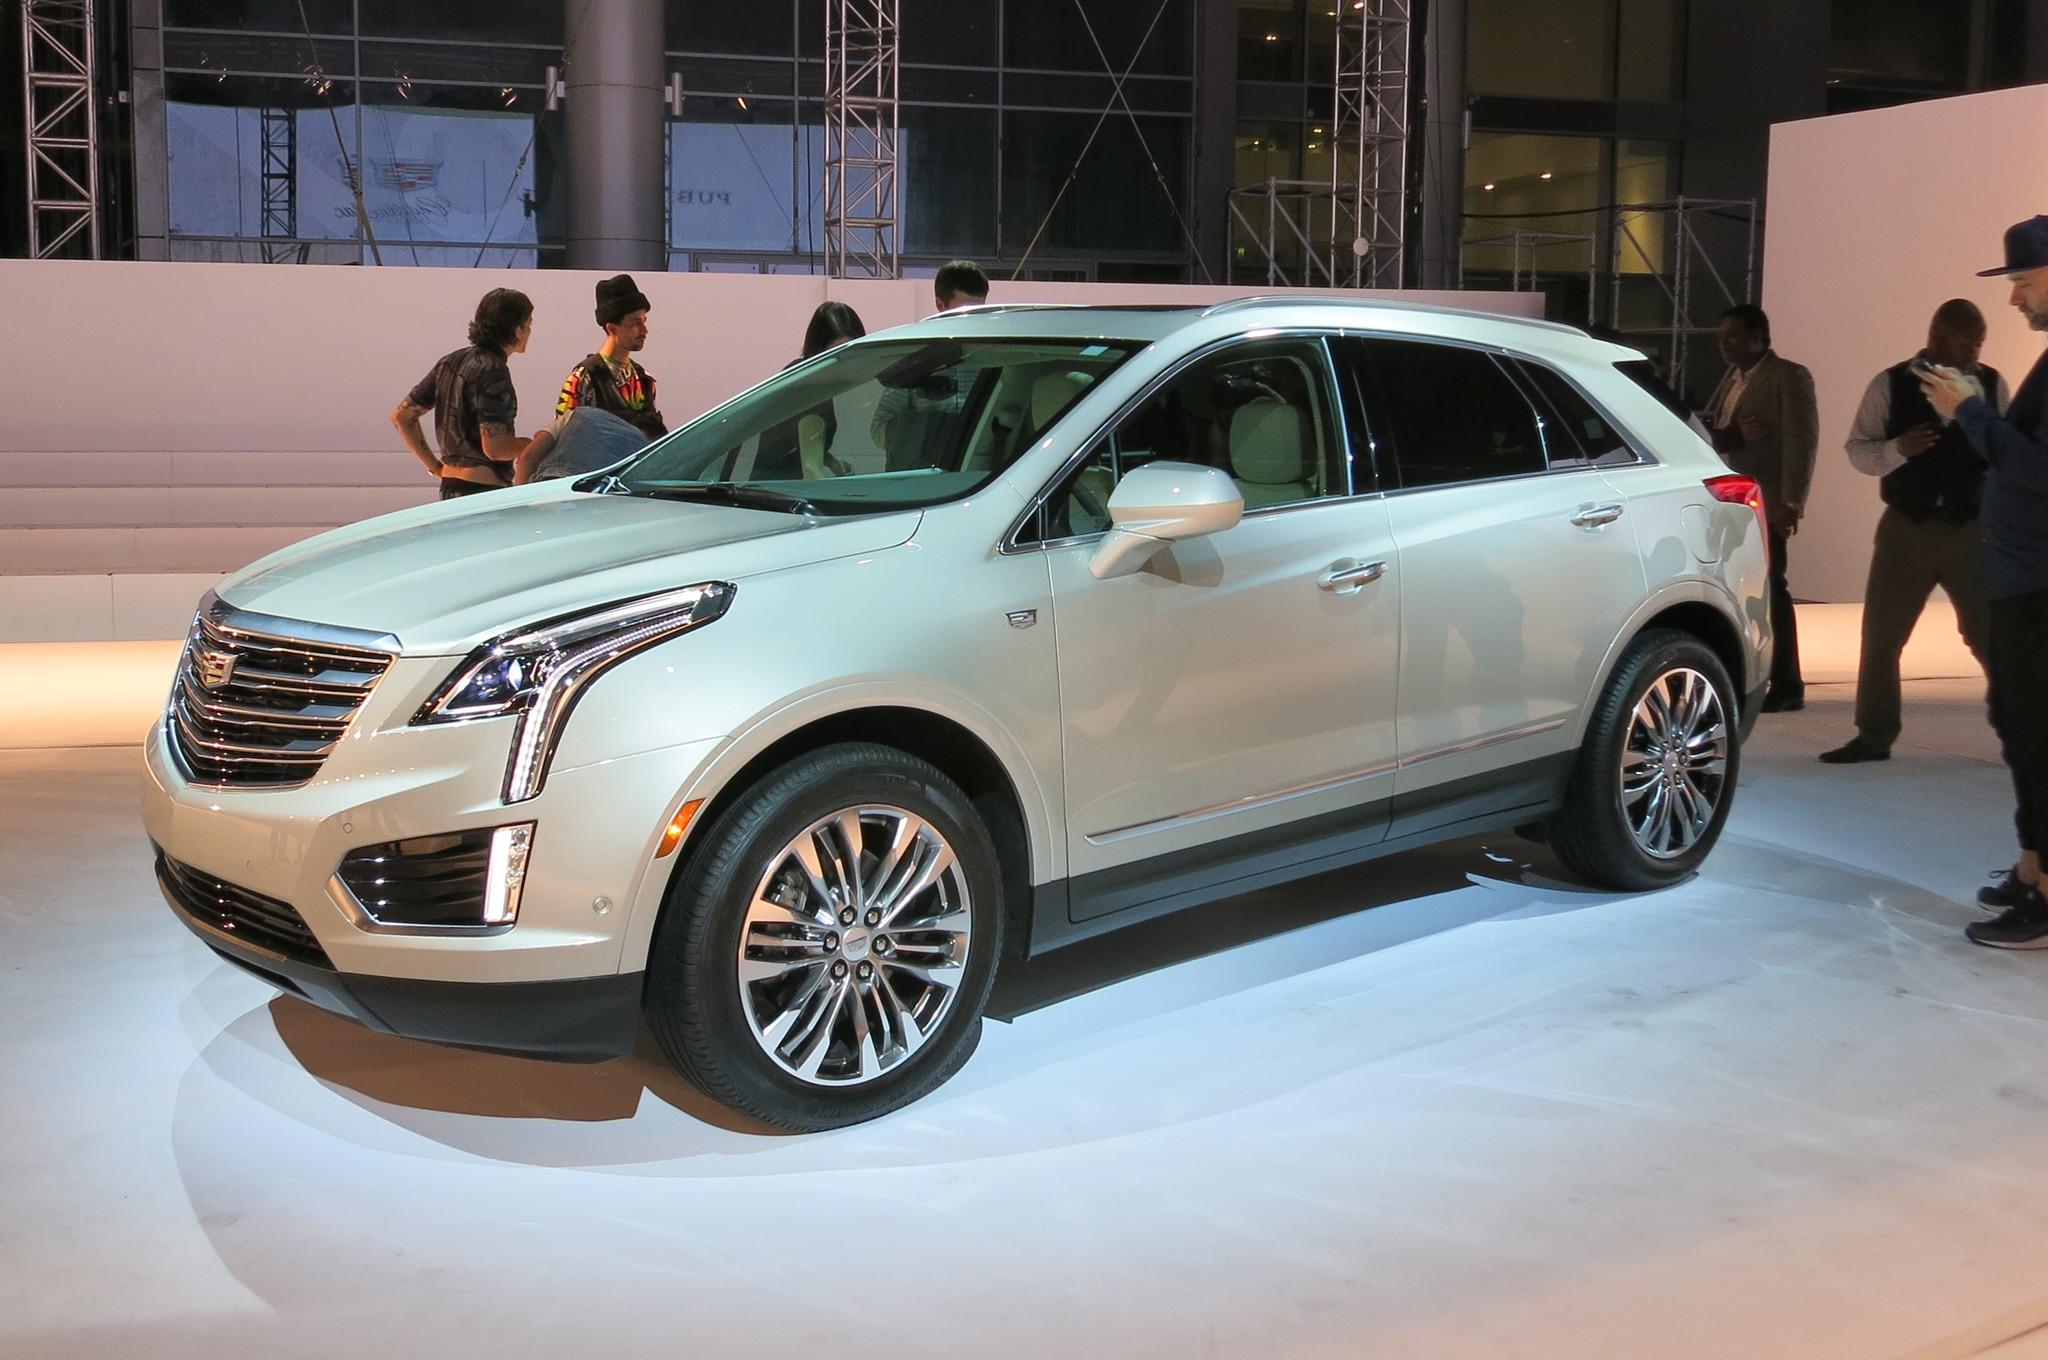 2017 Cadillac XT5 Live Front Three Quarter